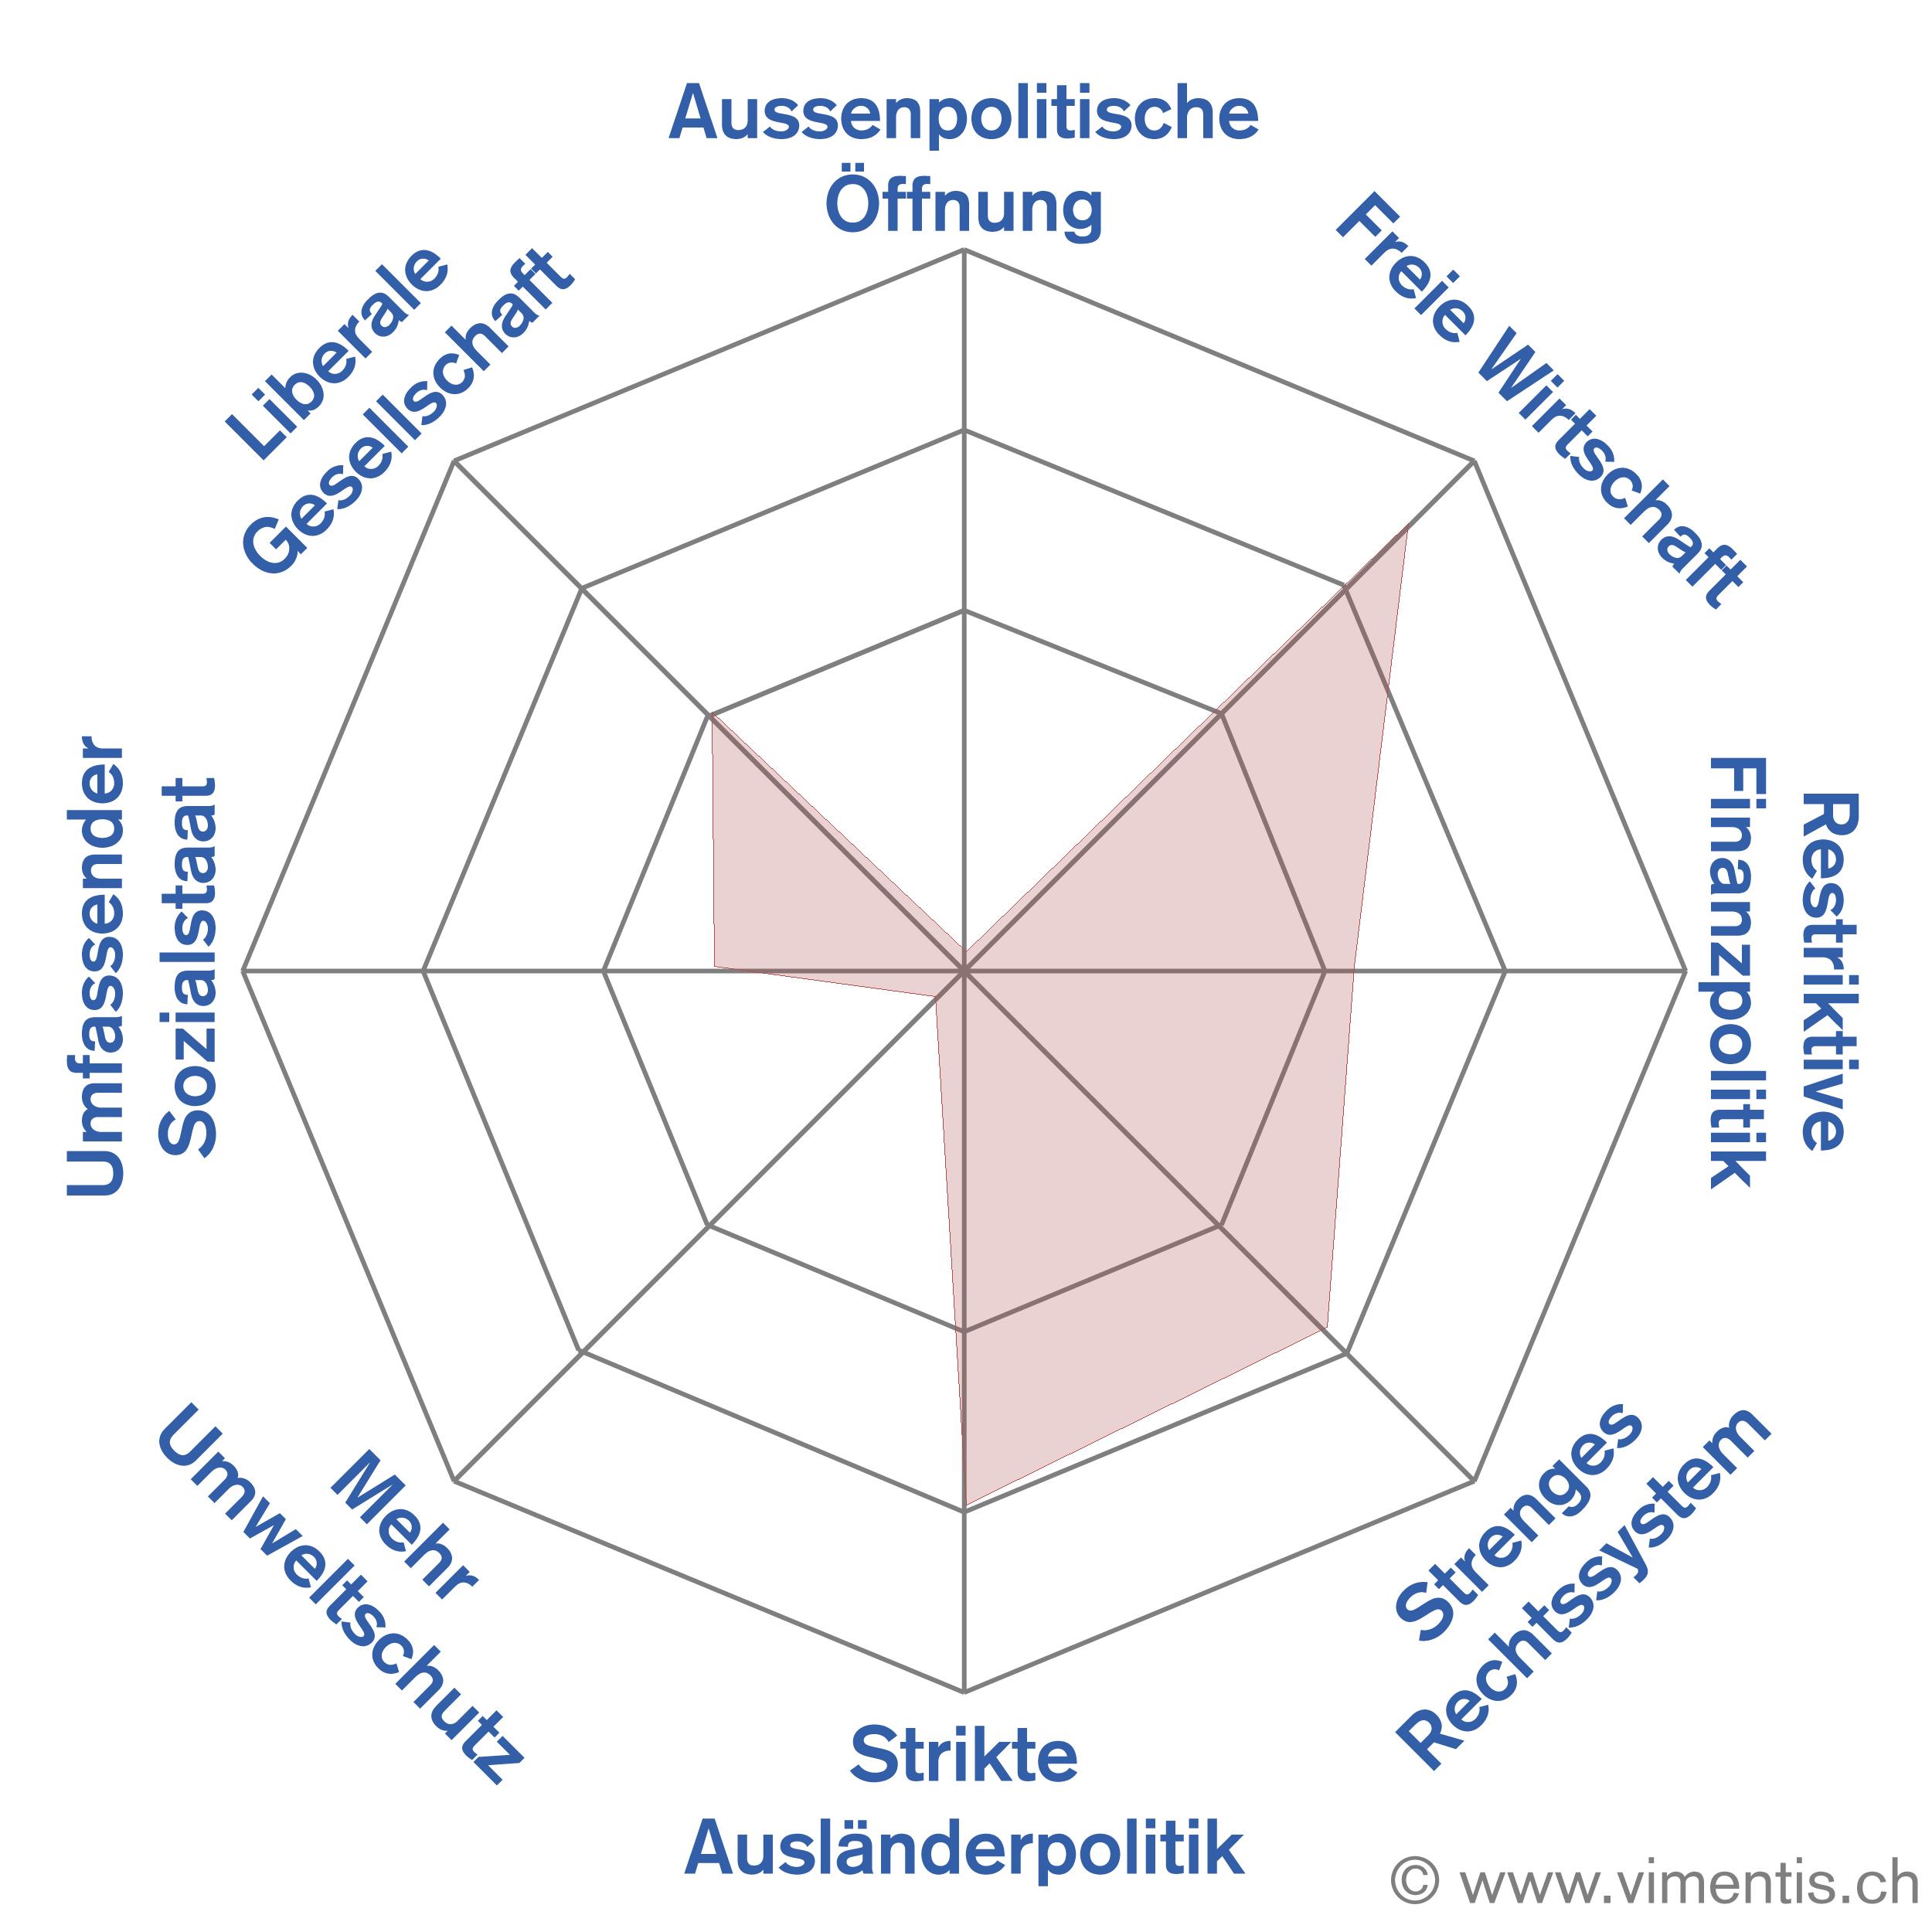 Thomas Schärlis Vimentis-Smartspider: Ganz sicher nicht Öko oder Europa, aber auch kein Finanzhardliner.